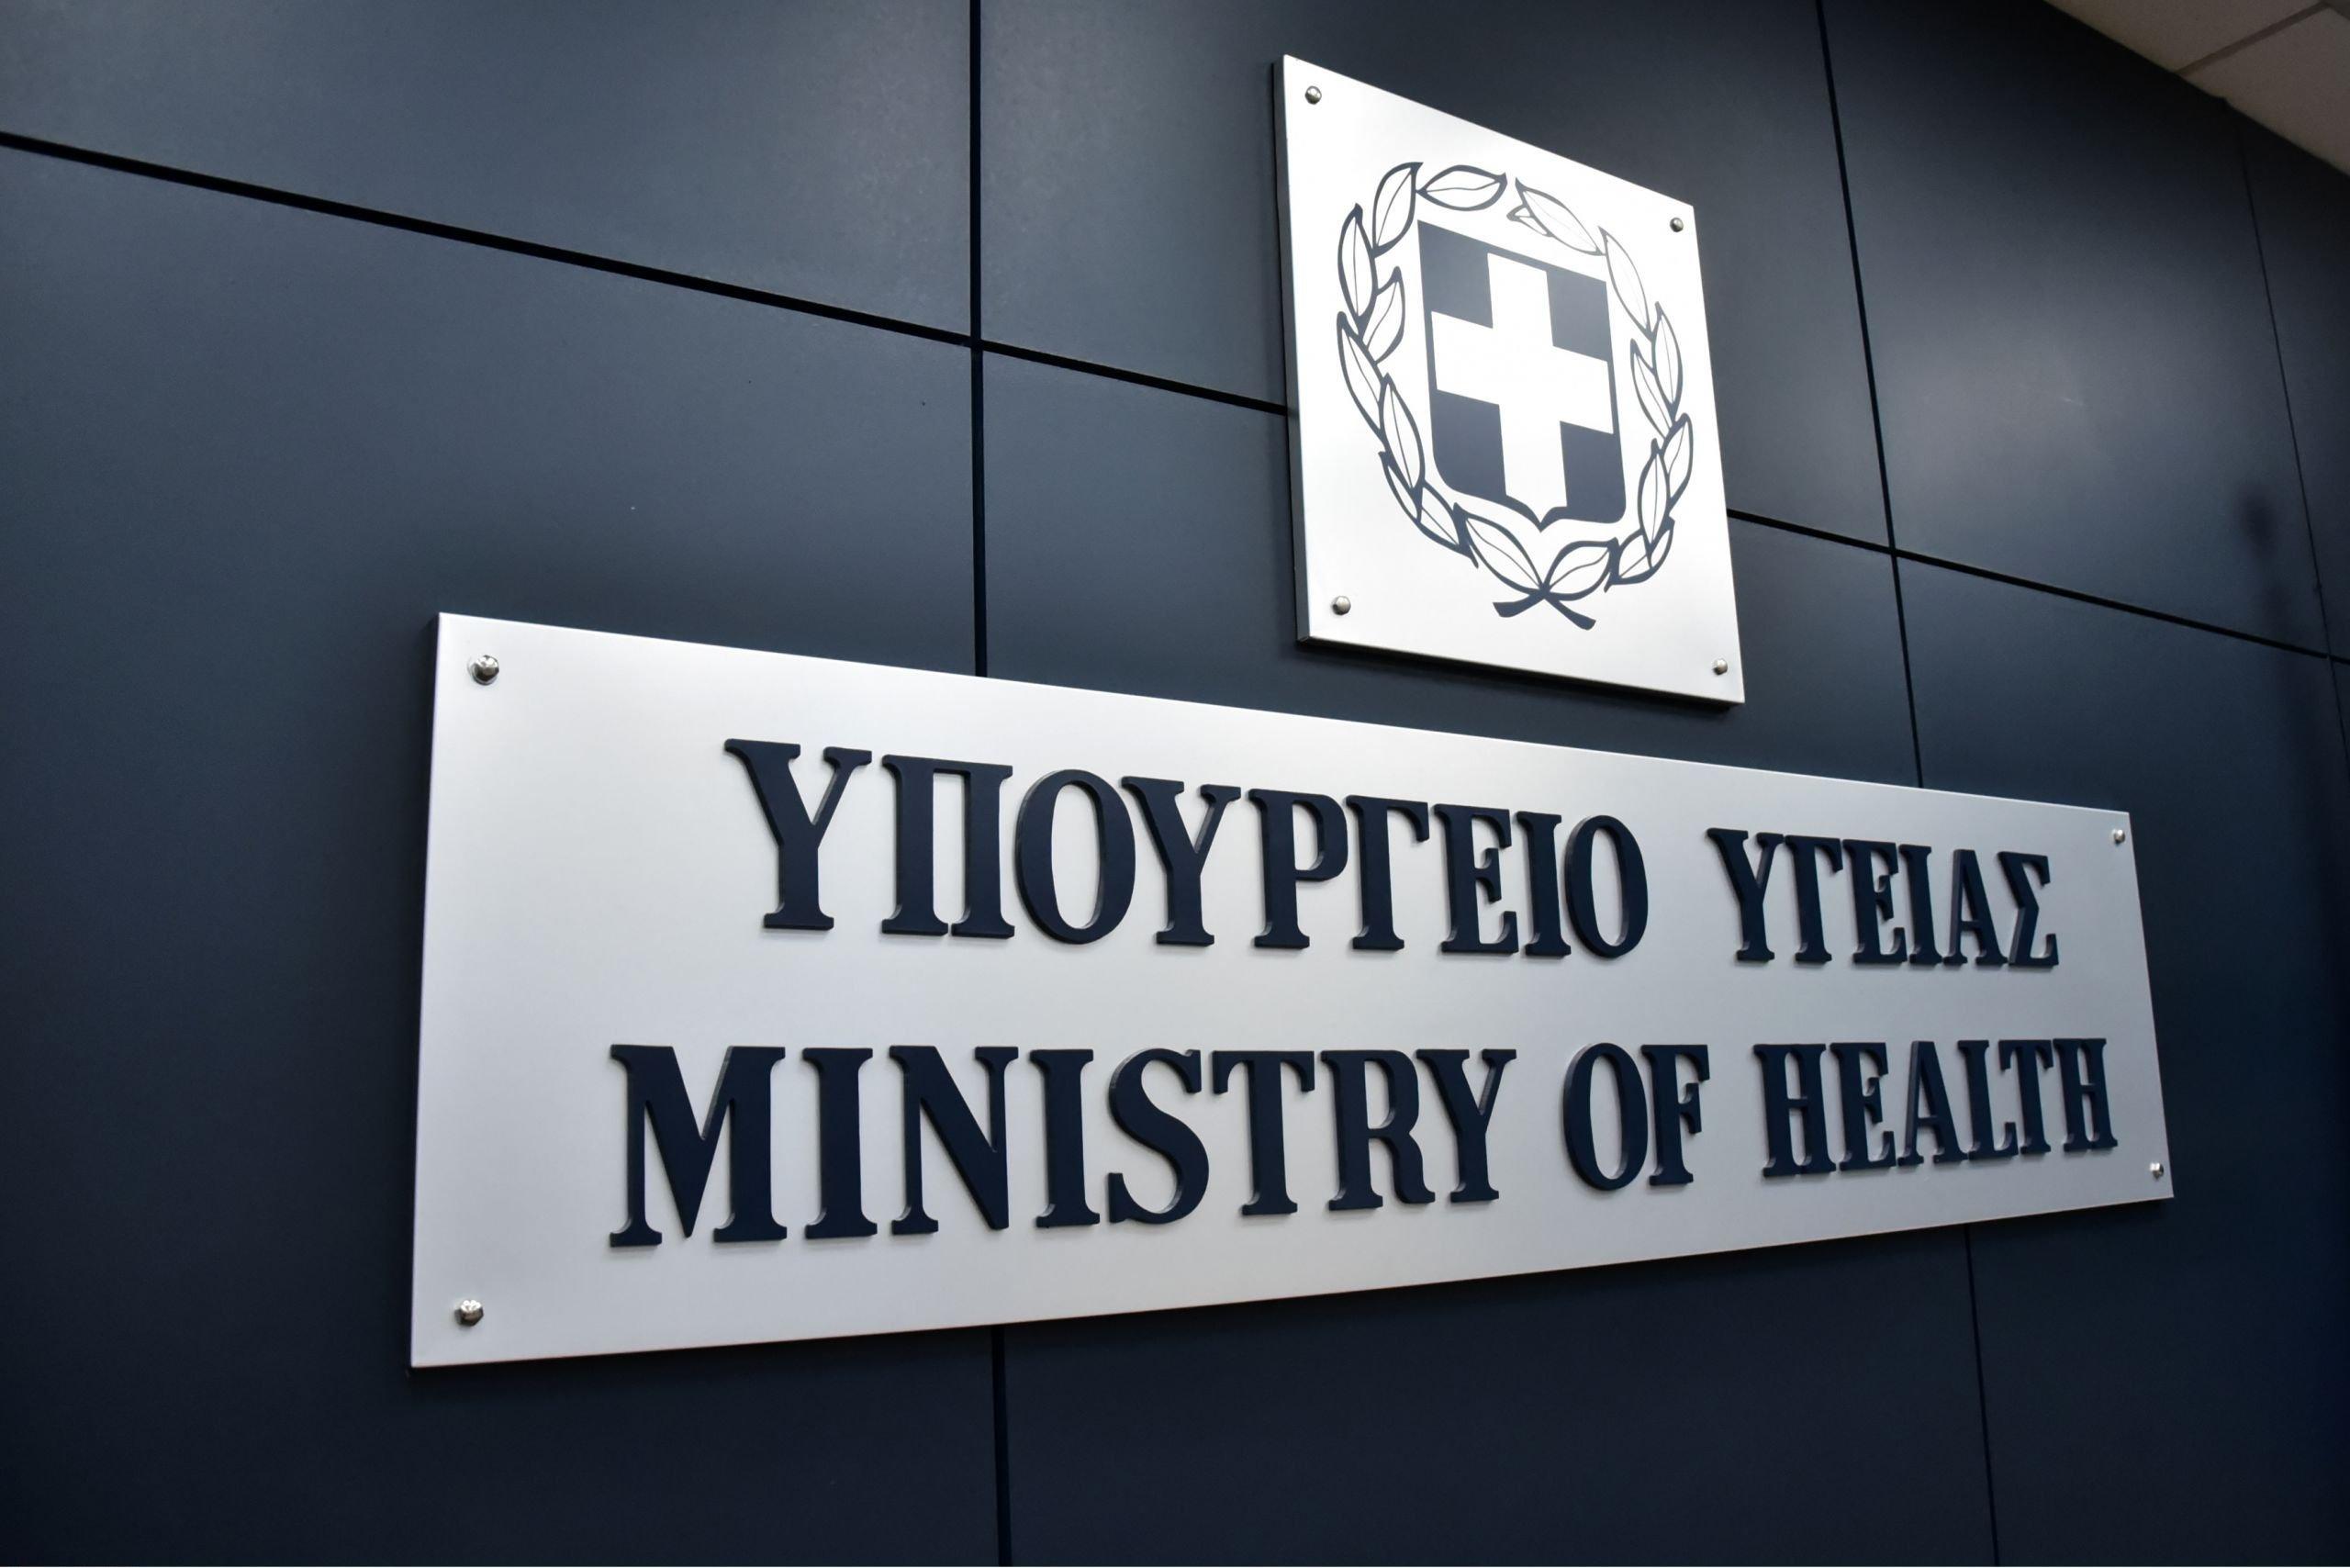 Υπουργείο Υγείας: Η Υπηρεσία ψηφιοποίησης και ο υπεύθυνος